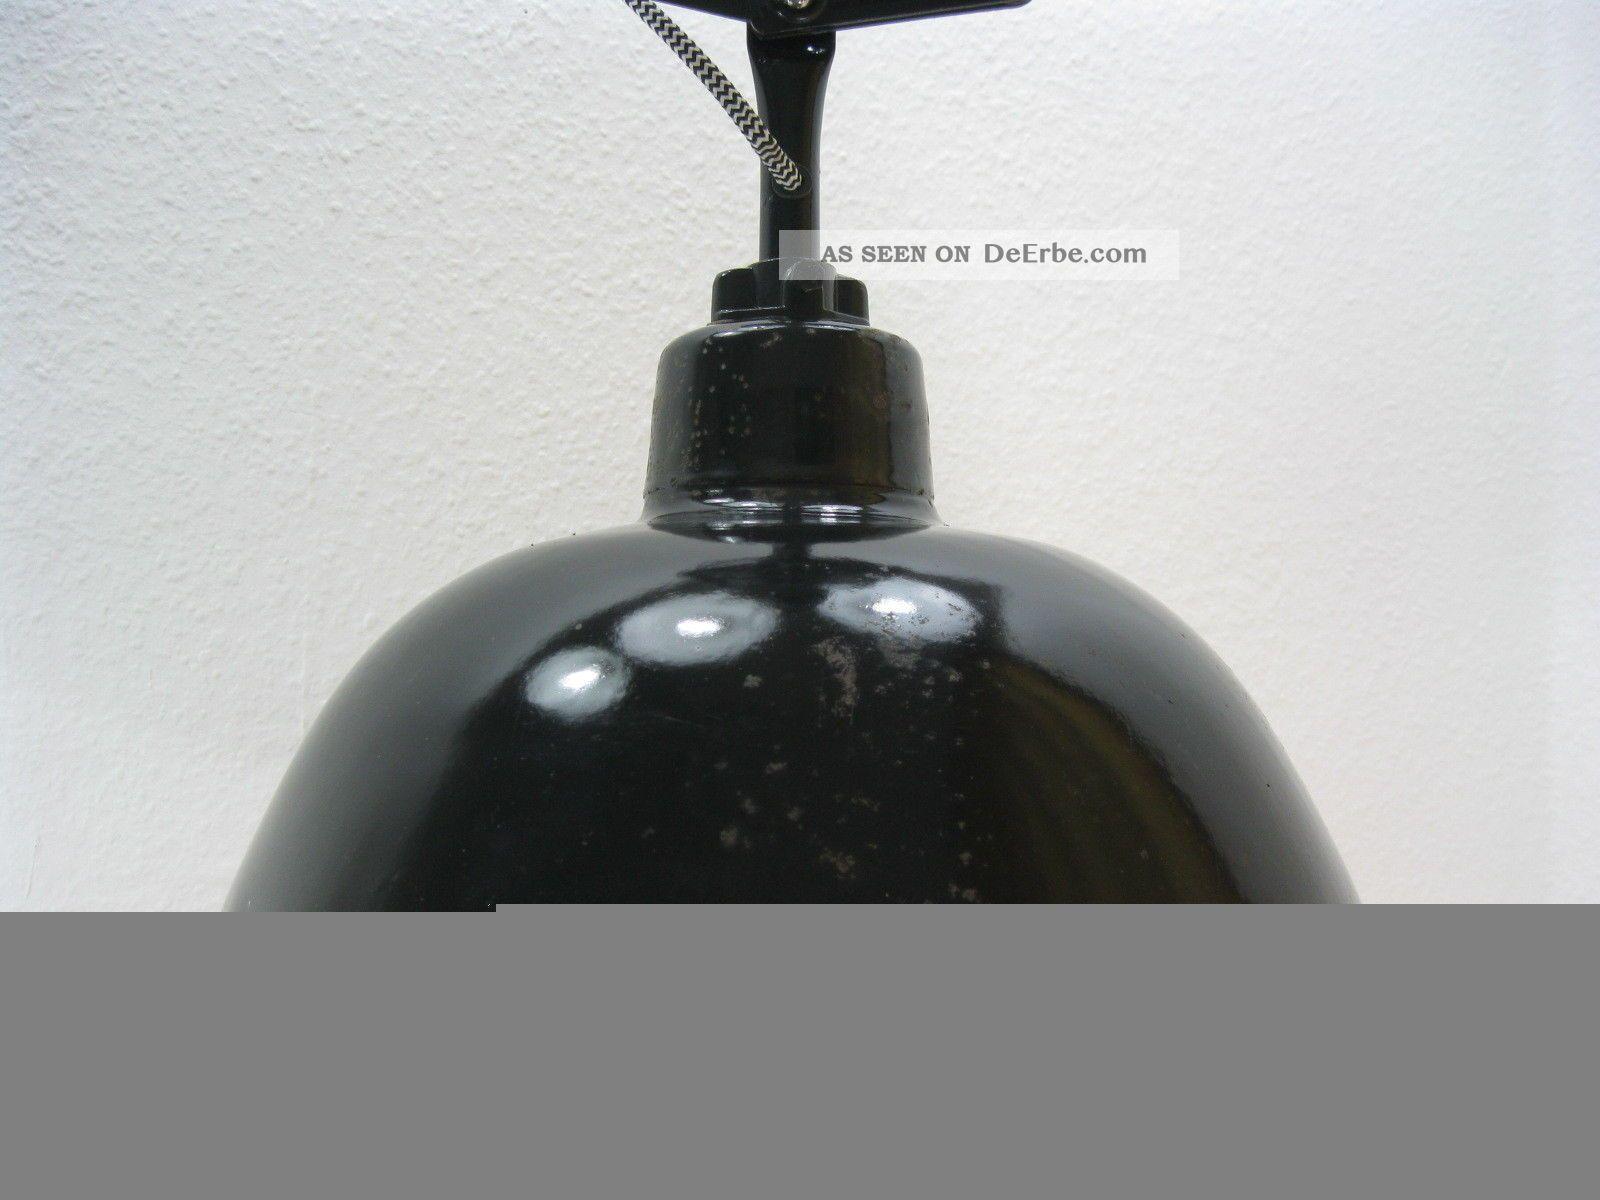 german bauhaus lampe lbl emaille scherenlampe. Black Bedroom Furniture Sets. Home Design Ideas